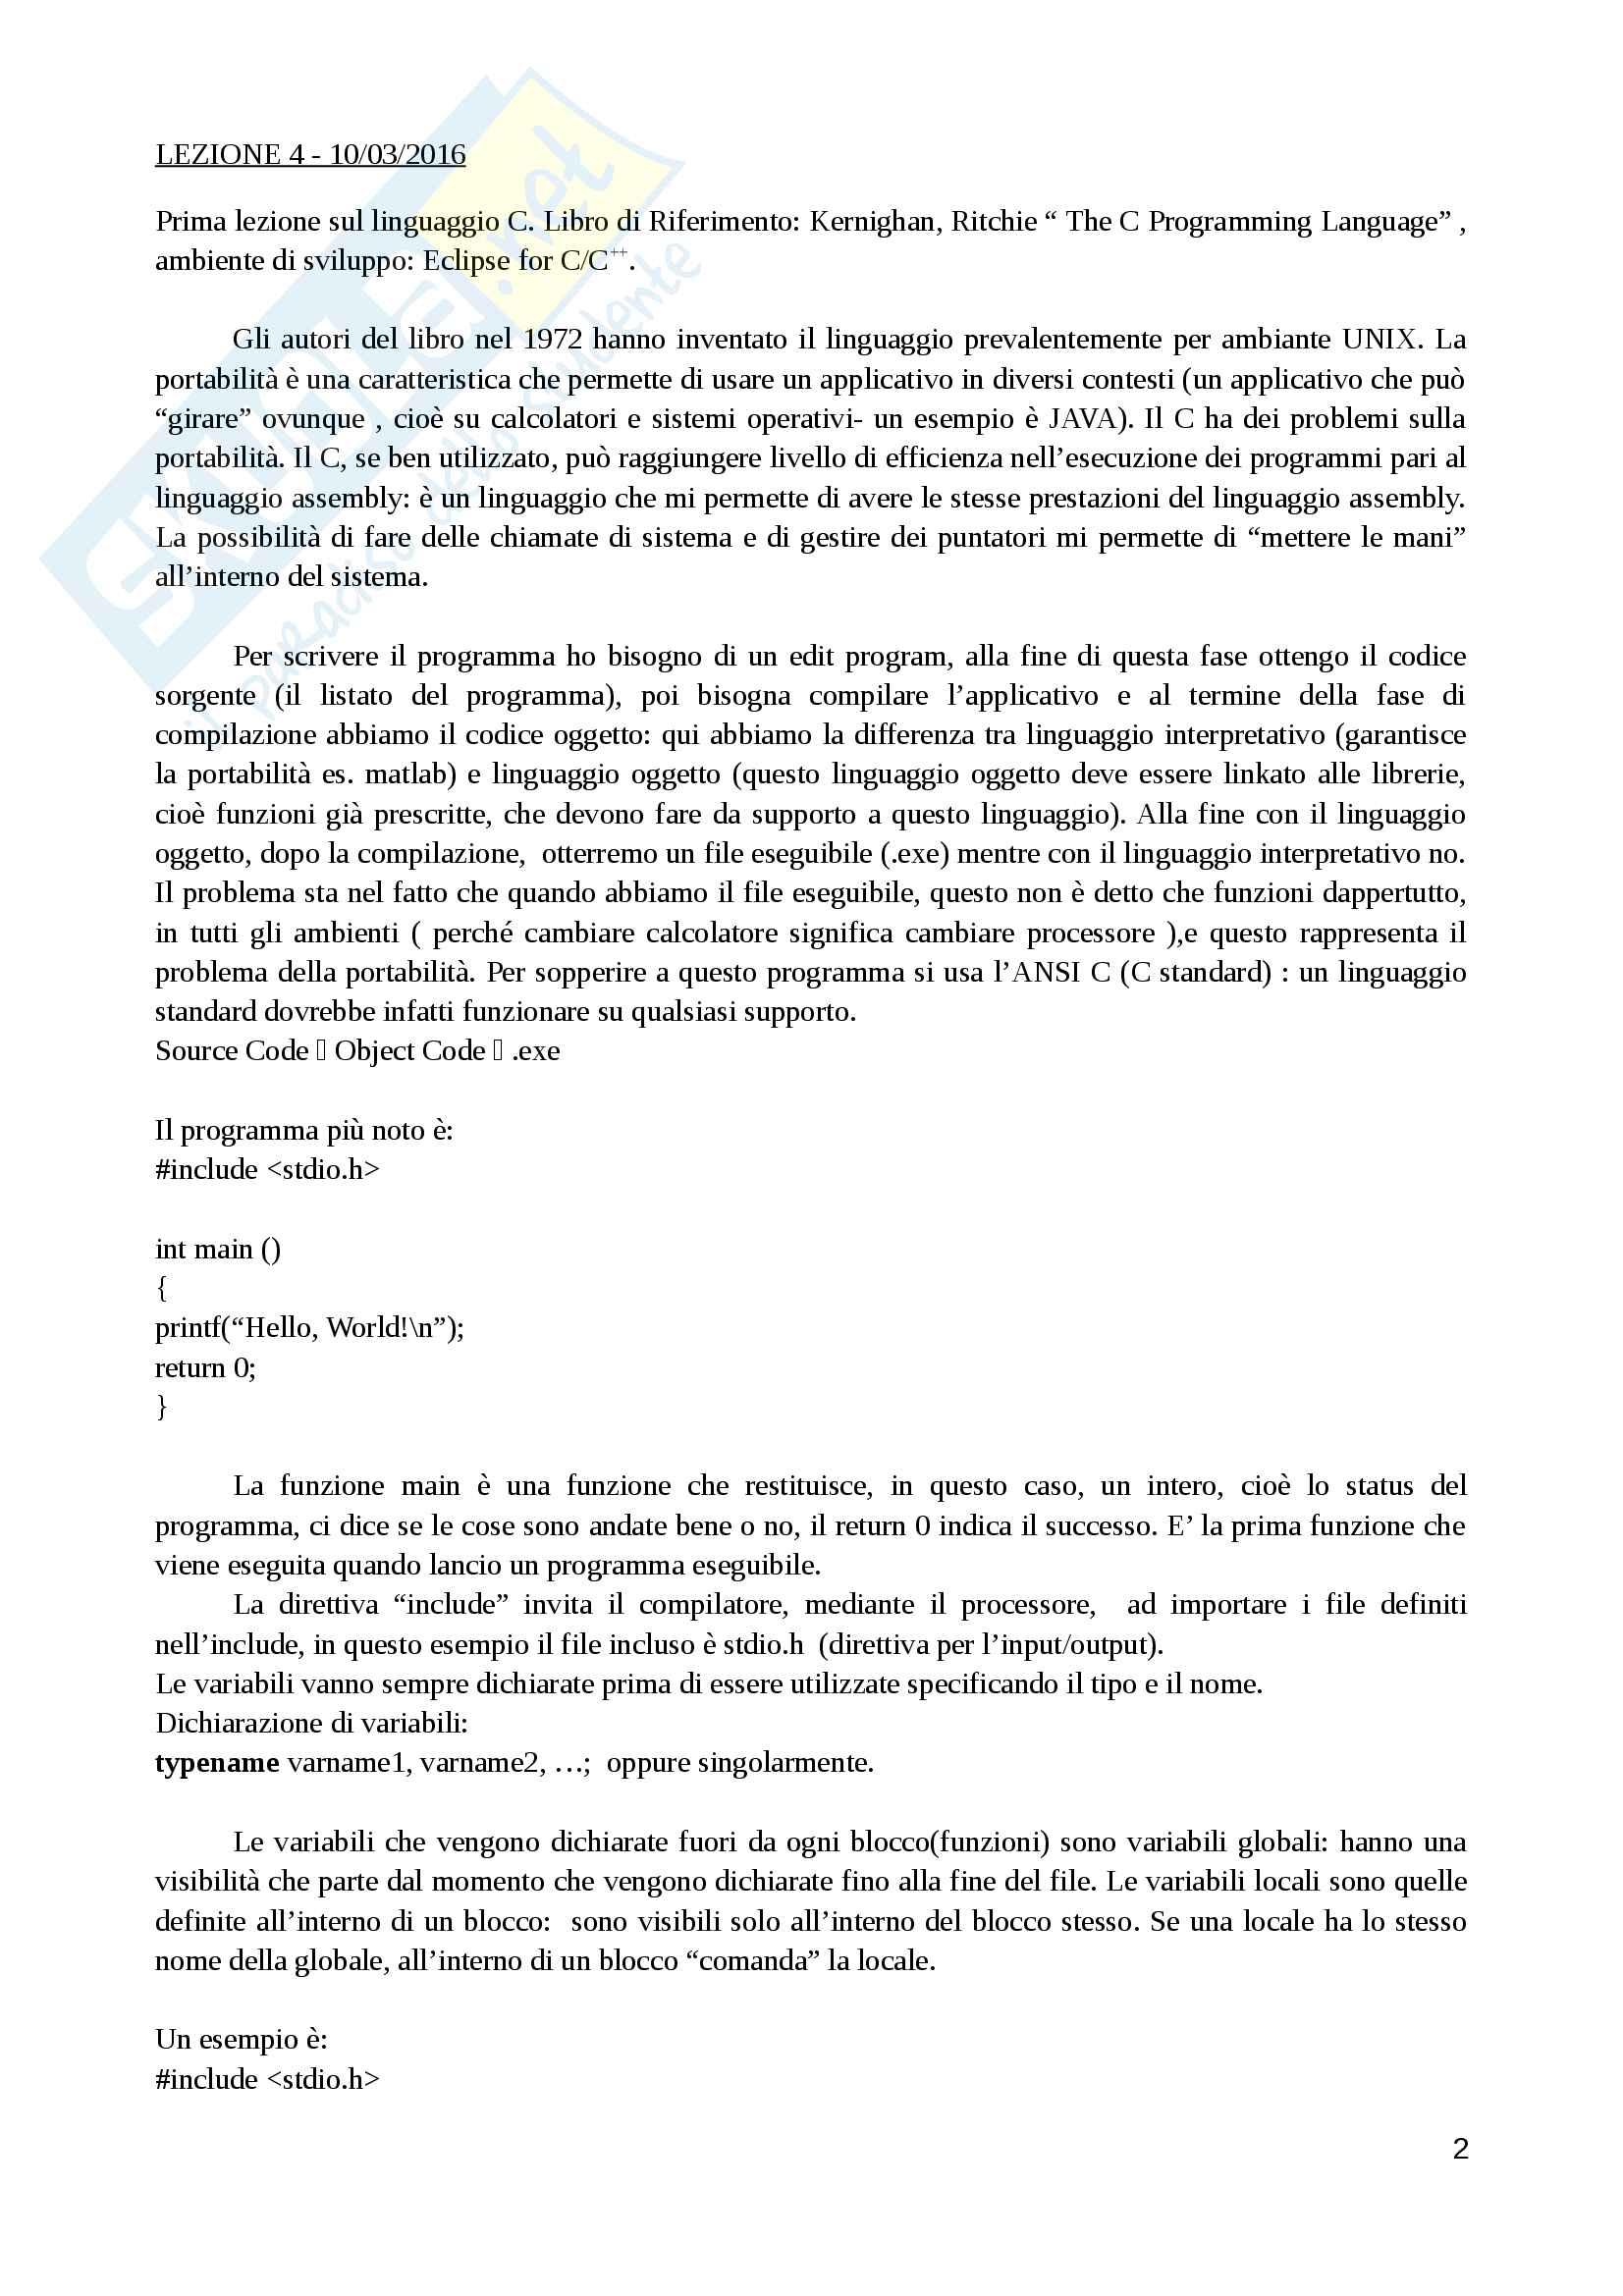 Appunti Di Colace Parte I Pag. 2